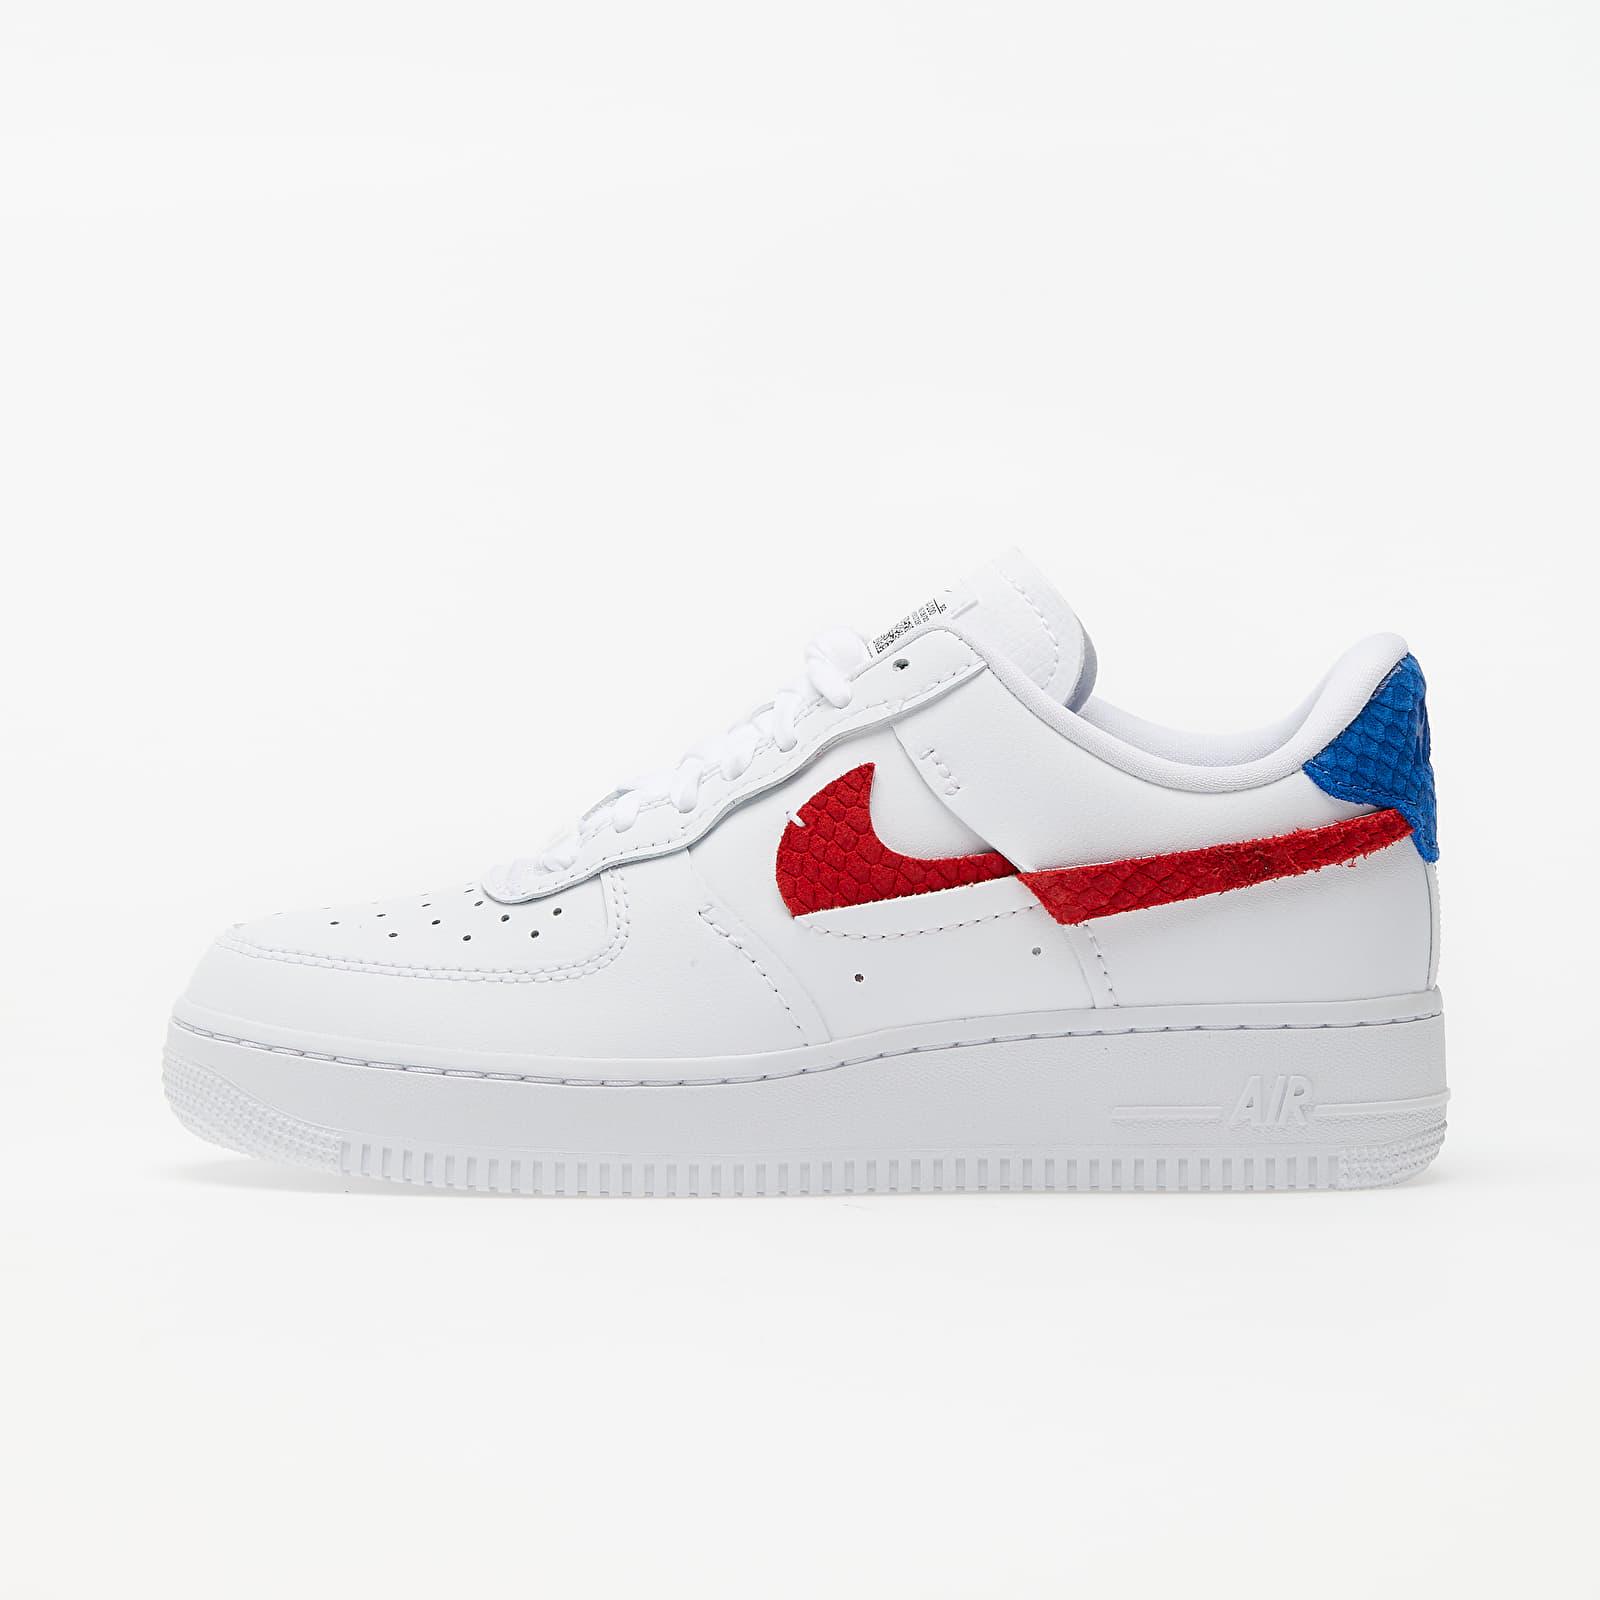 Încălțăminte și sneakerși pentru femei Nike Wmns Air Force 1 LXX White/ Game Royal-University Red